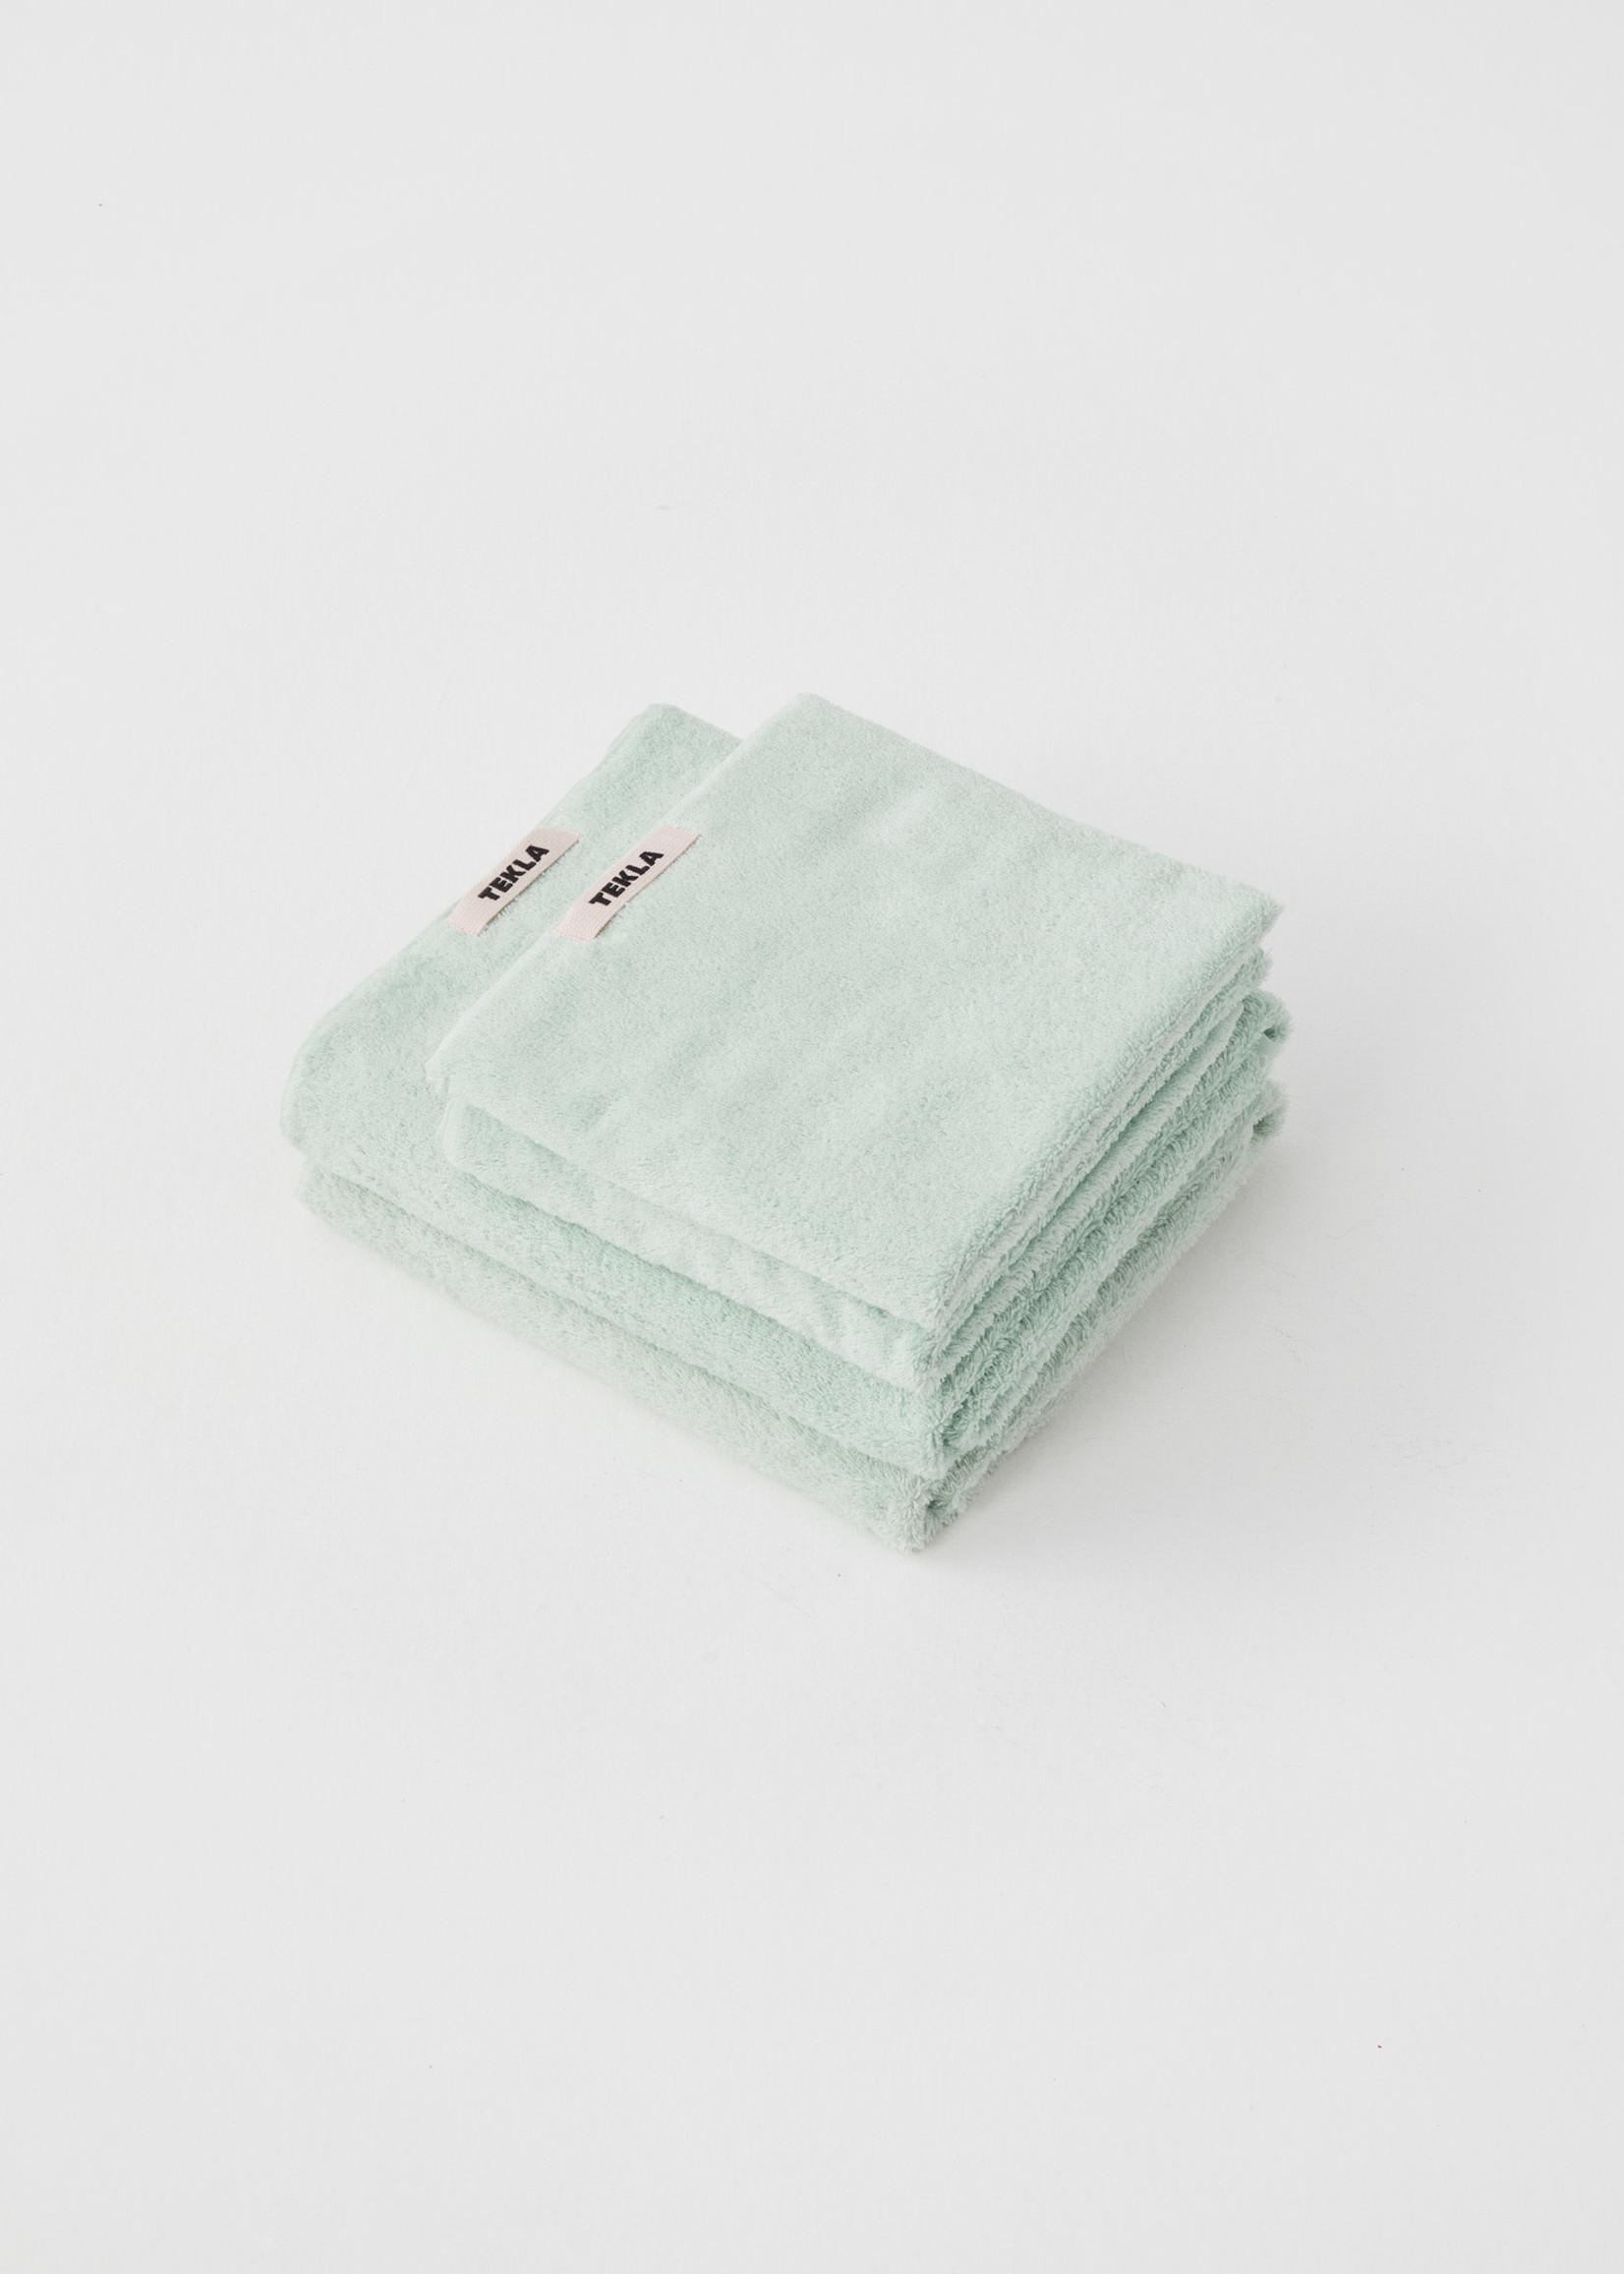 TEKLA Organic Bath Towel  in Mint